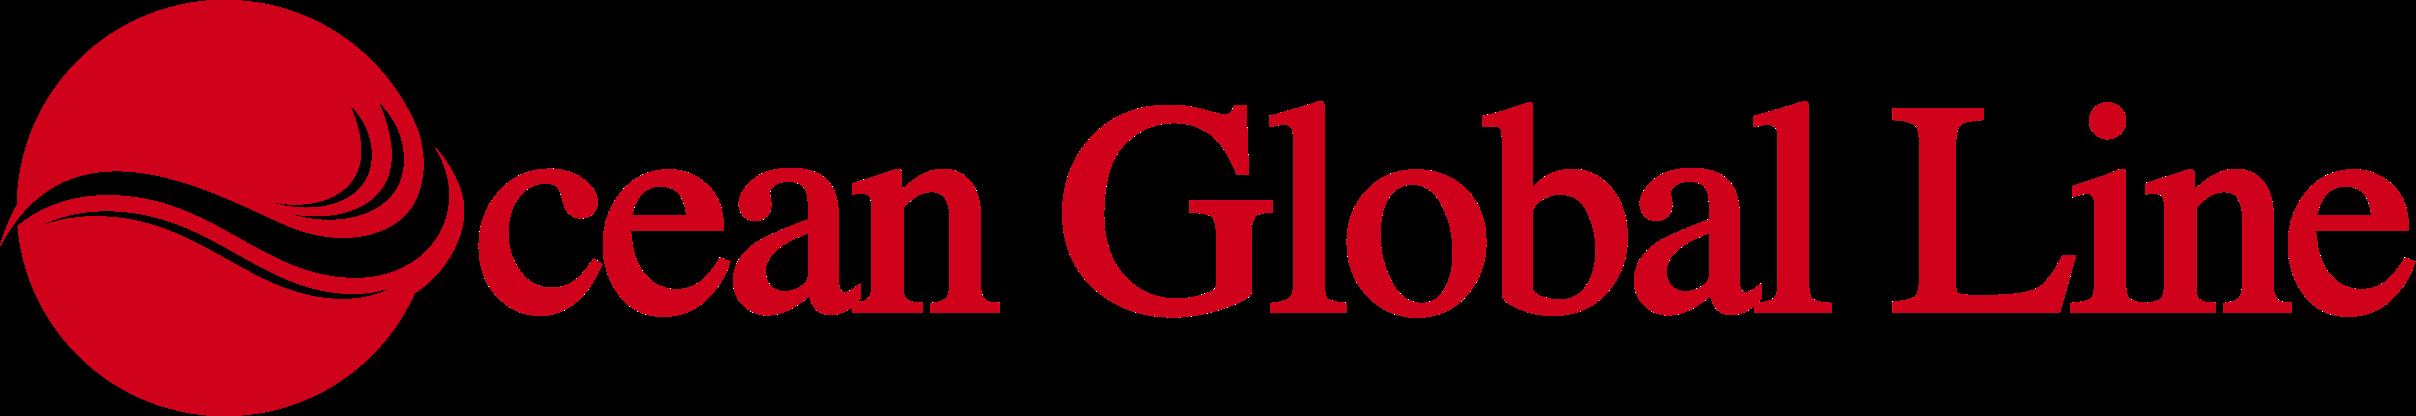 Ocean Global Line